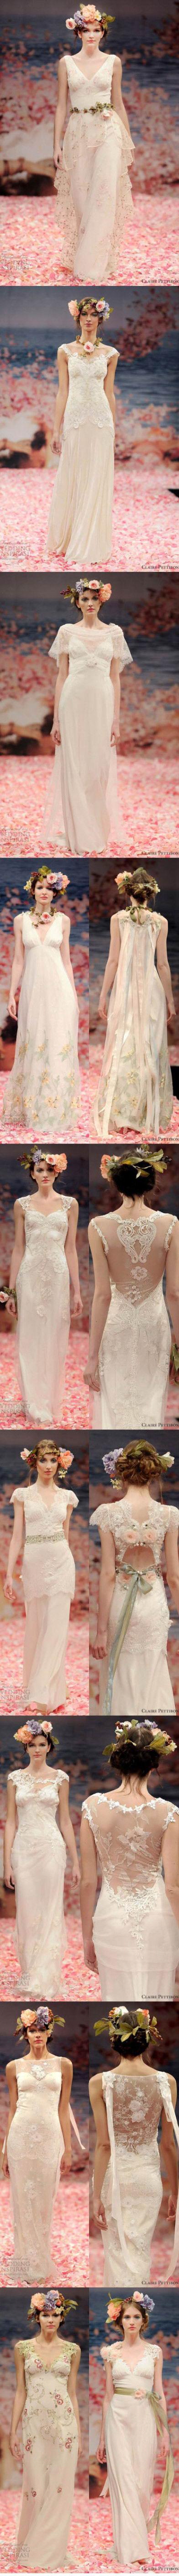 旗袍式婚纱美女引领2013女装时尚潮